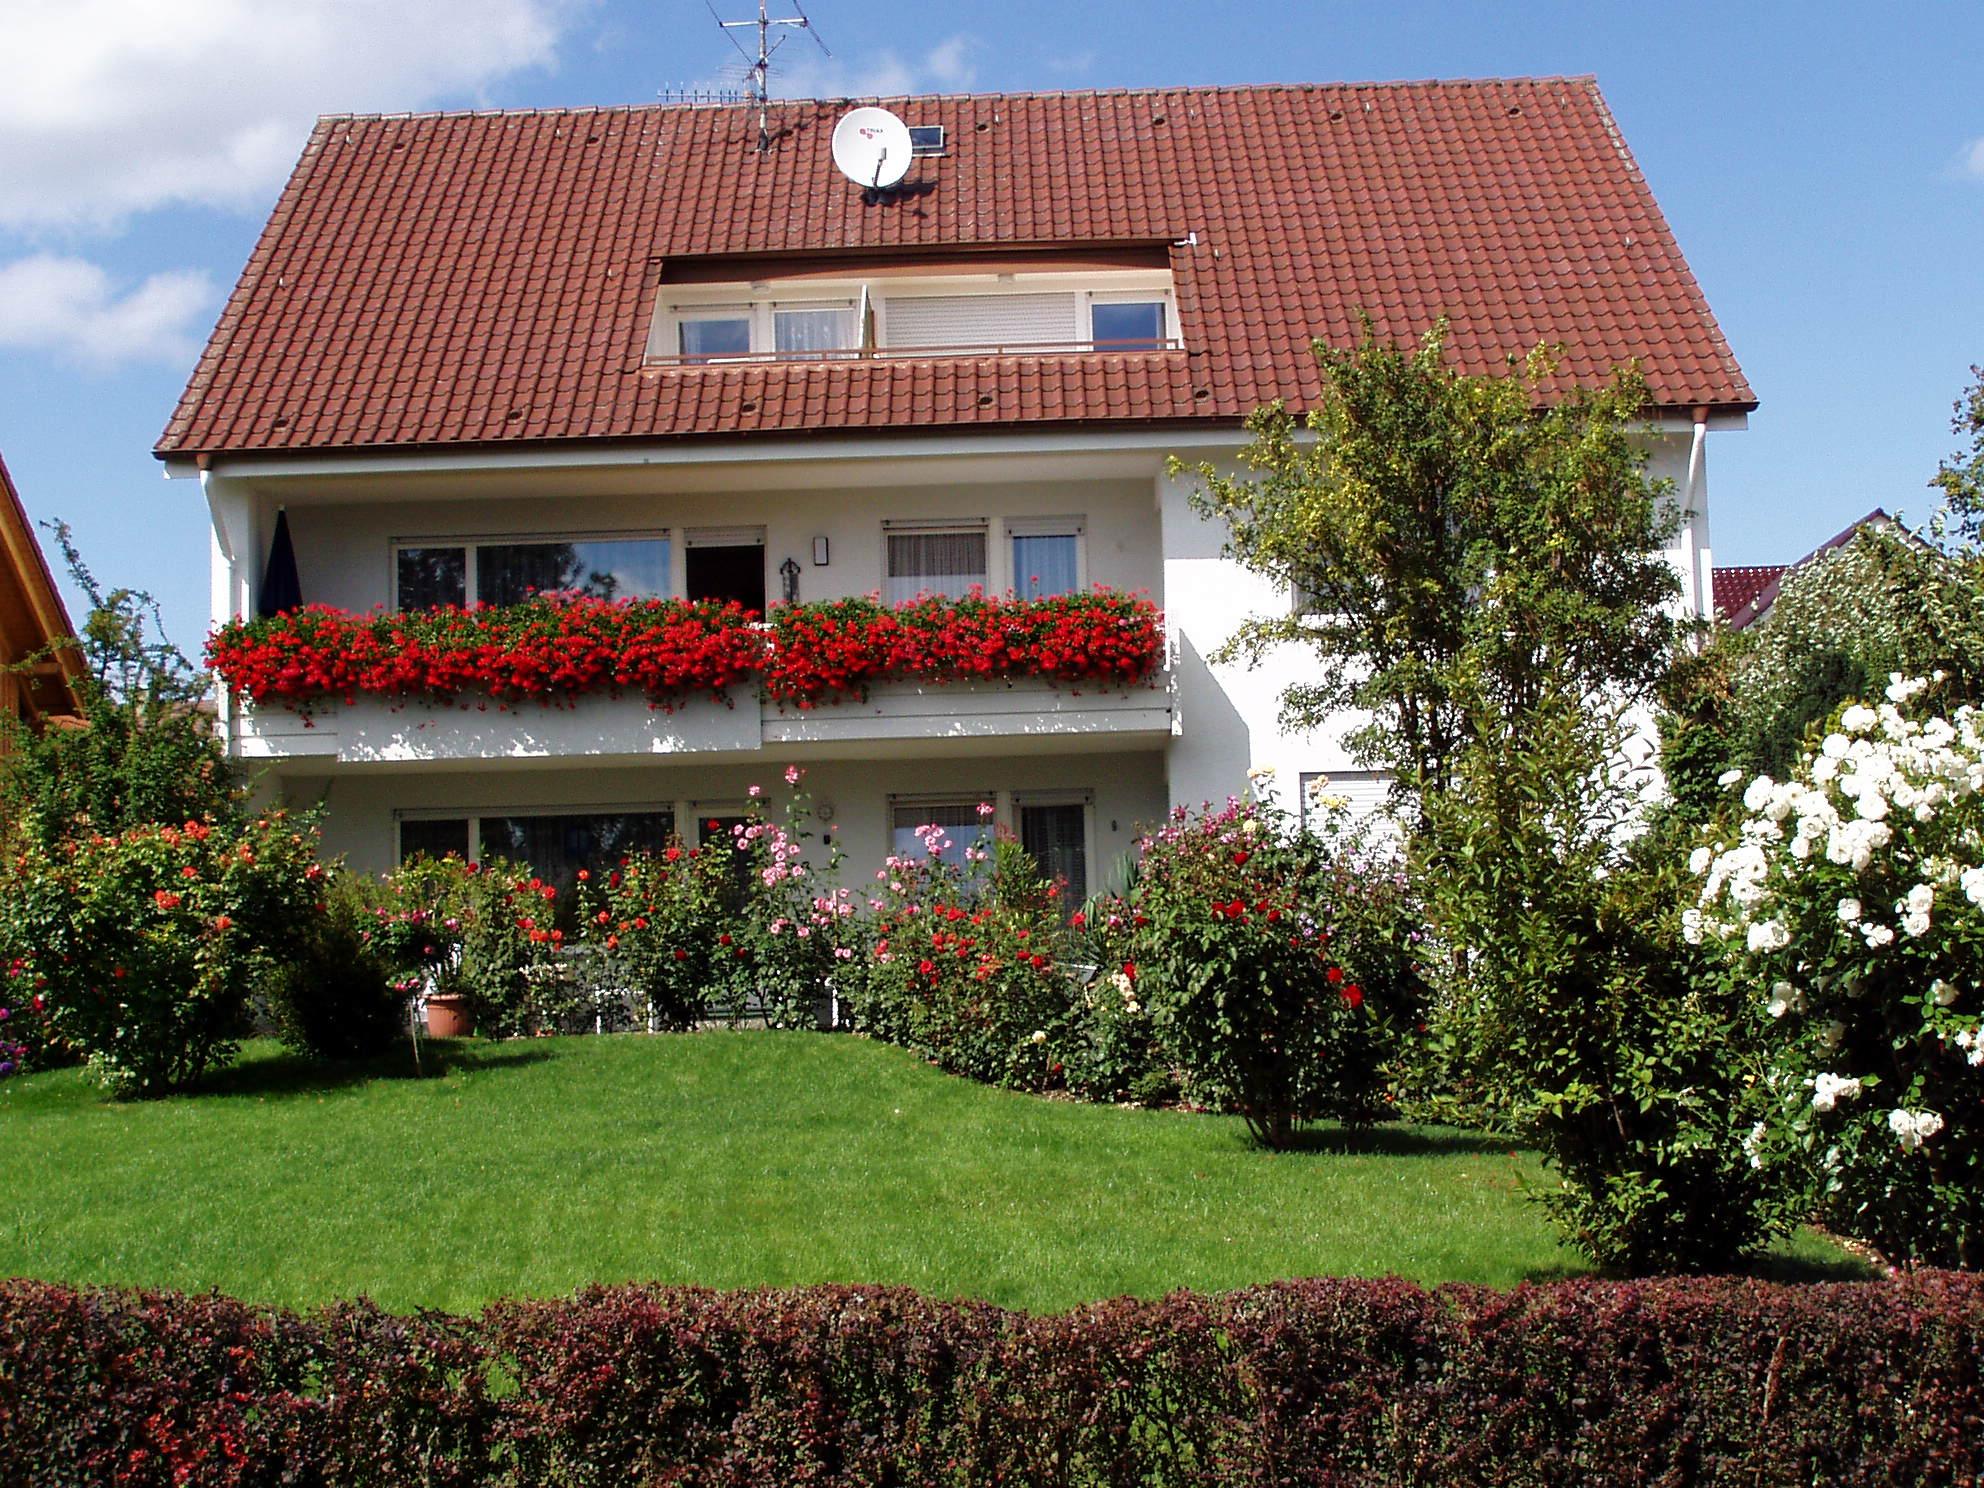 Ferienhaus Leiss, (Hagnau am Bodensee). Ferienwohnung 3, 60qm, 1 ...